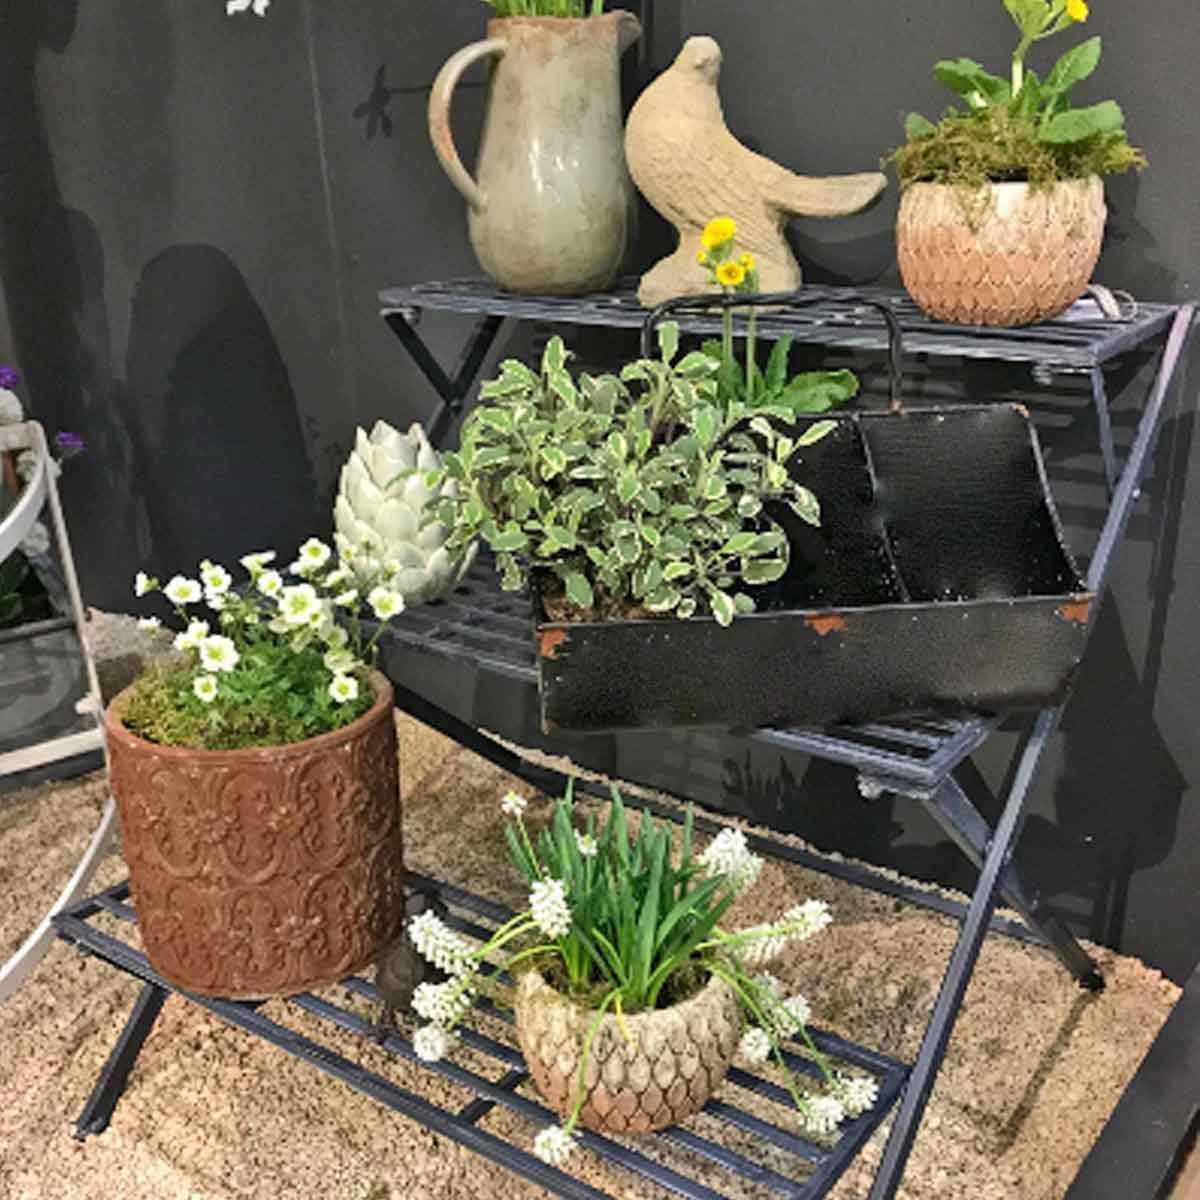 Étagère À Plantes 3 Marches En Fer Anthracite encequiconcerne Etageres Jardin Pour Plantes